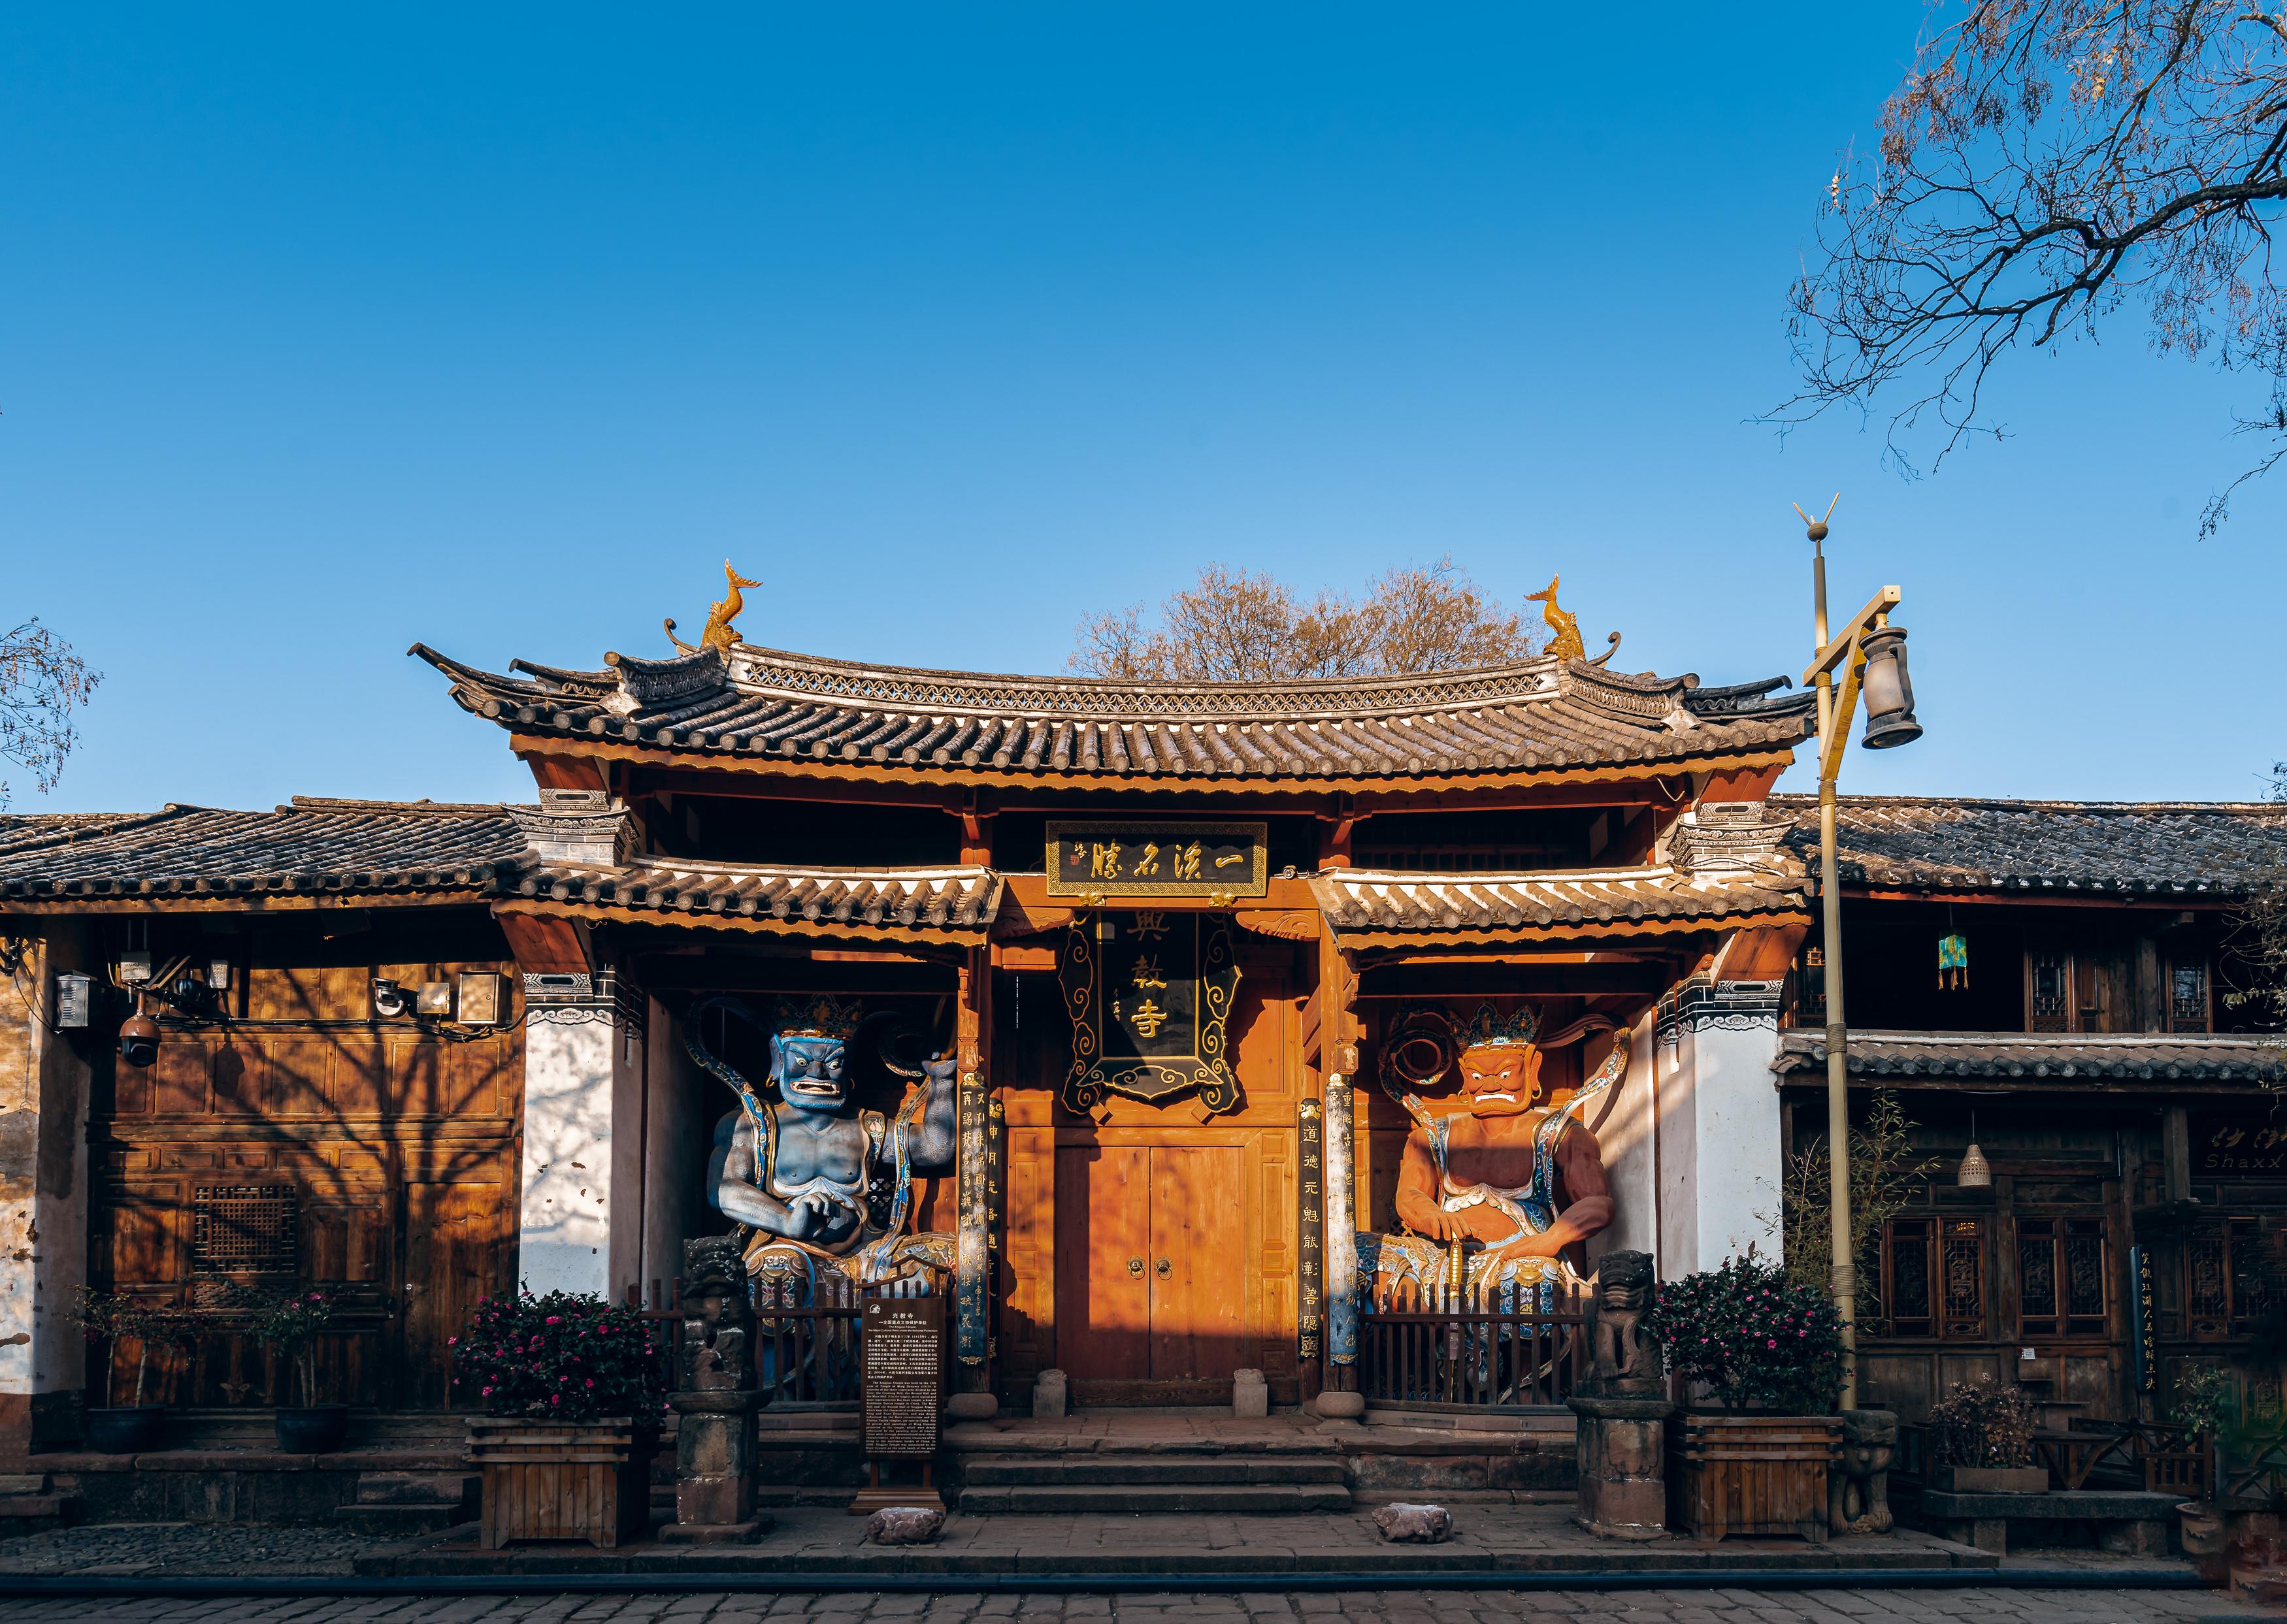 沙溪興教寺